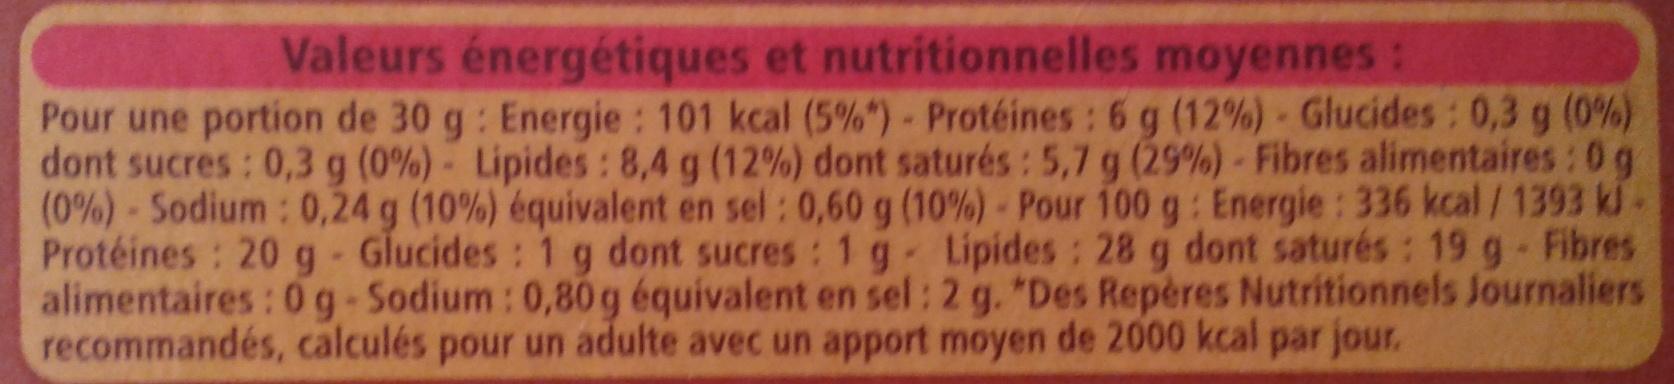 Val d'automne - Informations nutritionnelles - fr